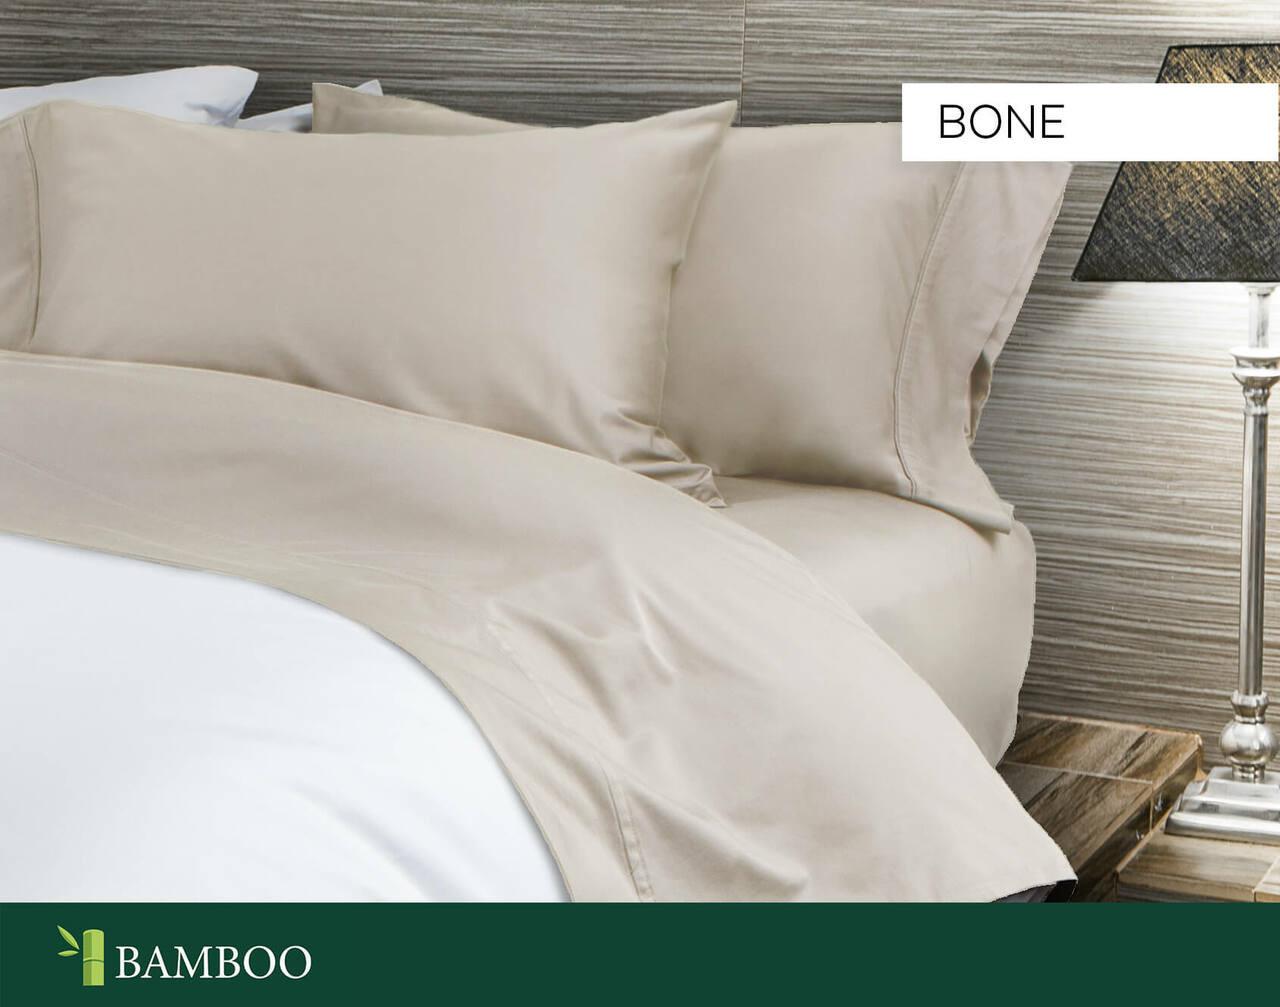 Bamboo Cotton Sheet Set in Bone, a light beige